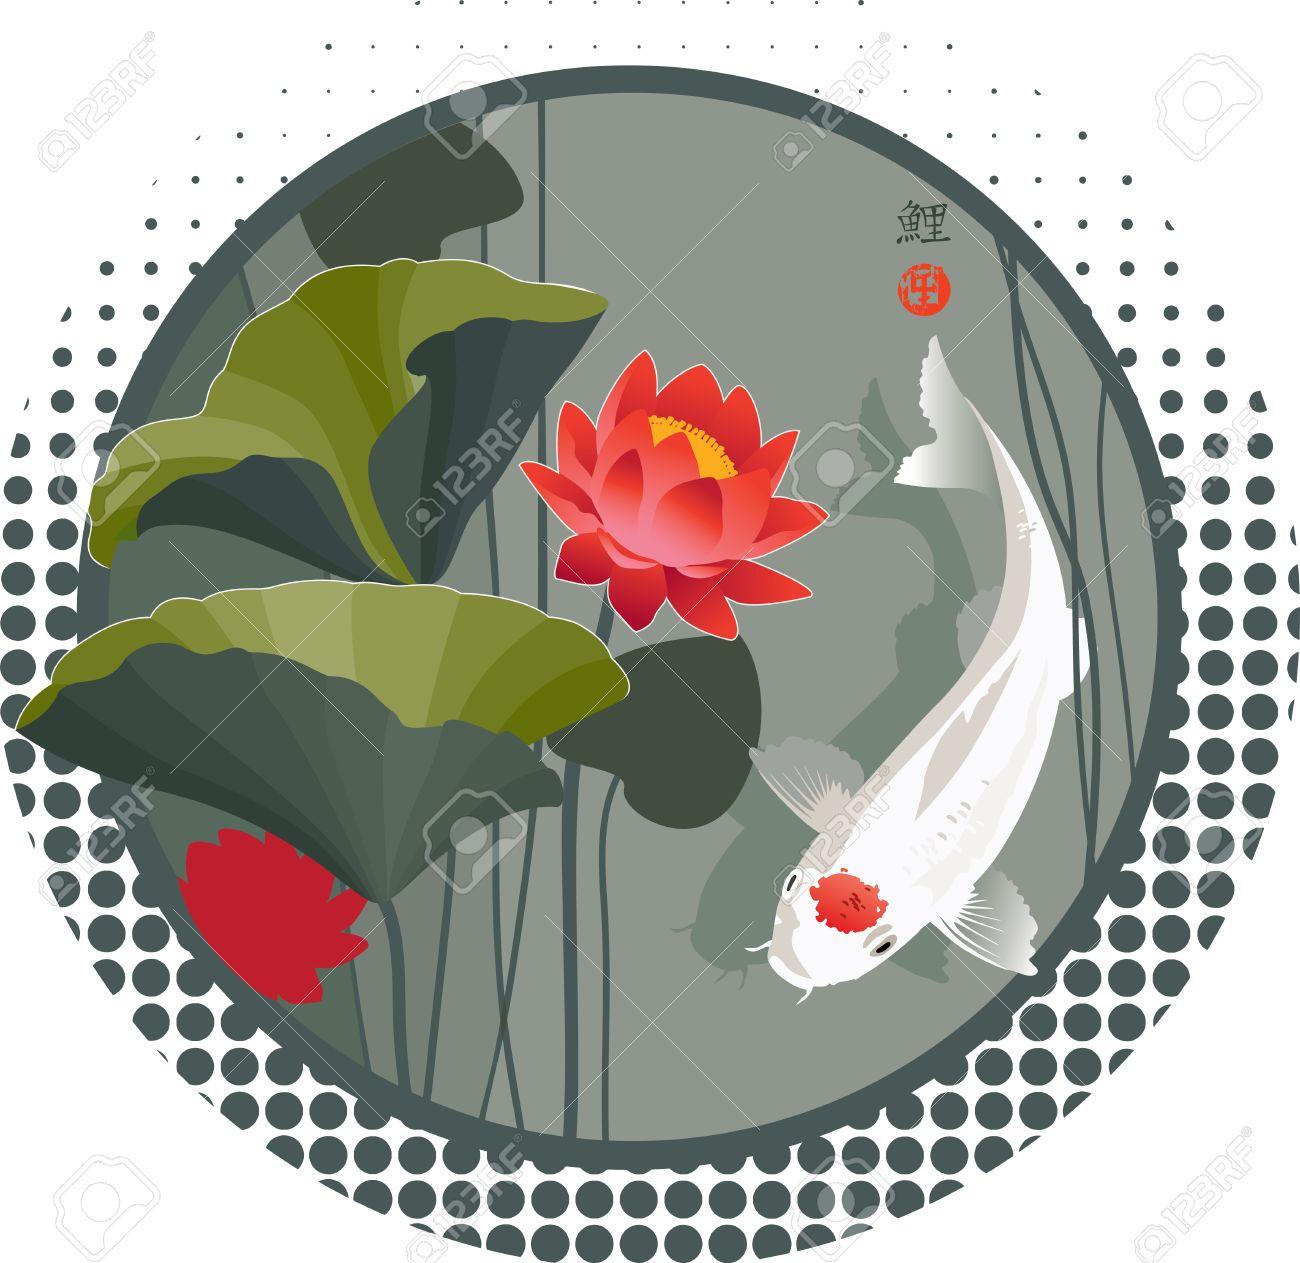 Ilustración Del Vector Del Sagrado Japonés Koi Carpa Y Flor De Loto ...